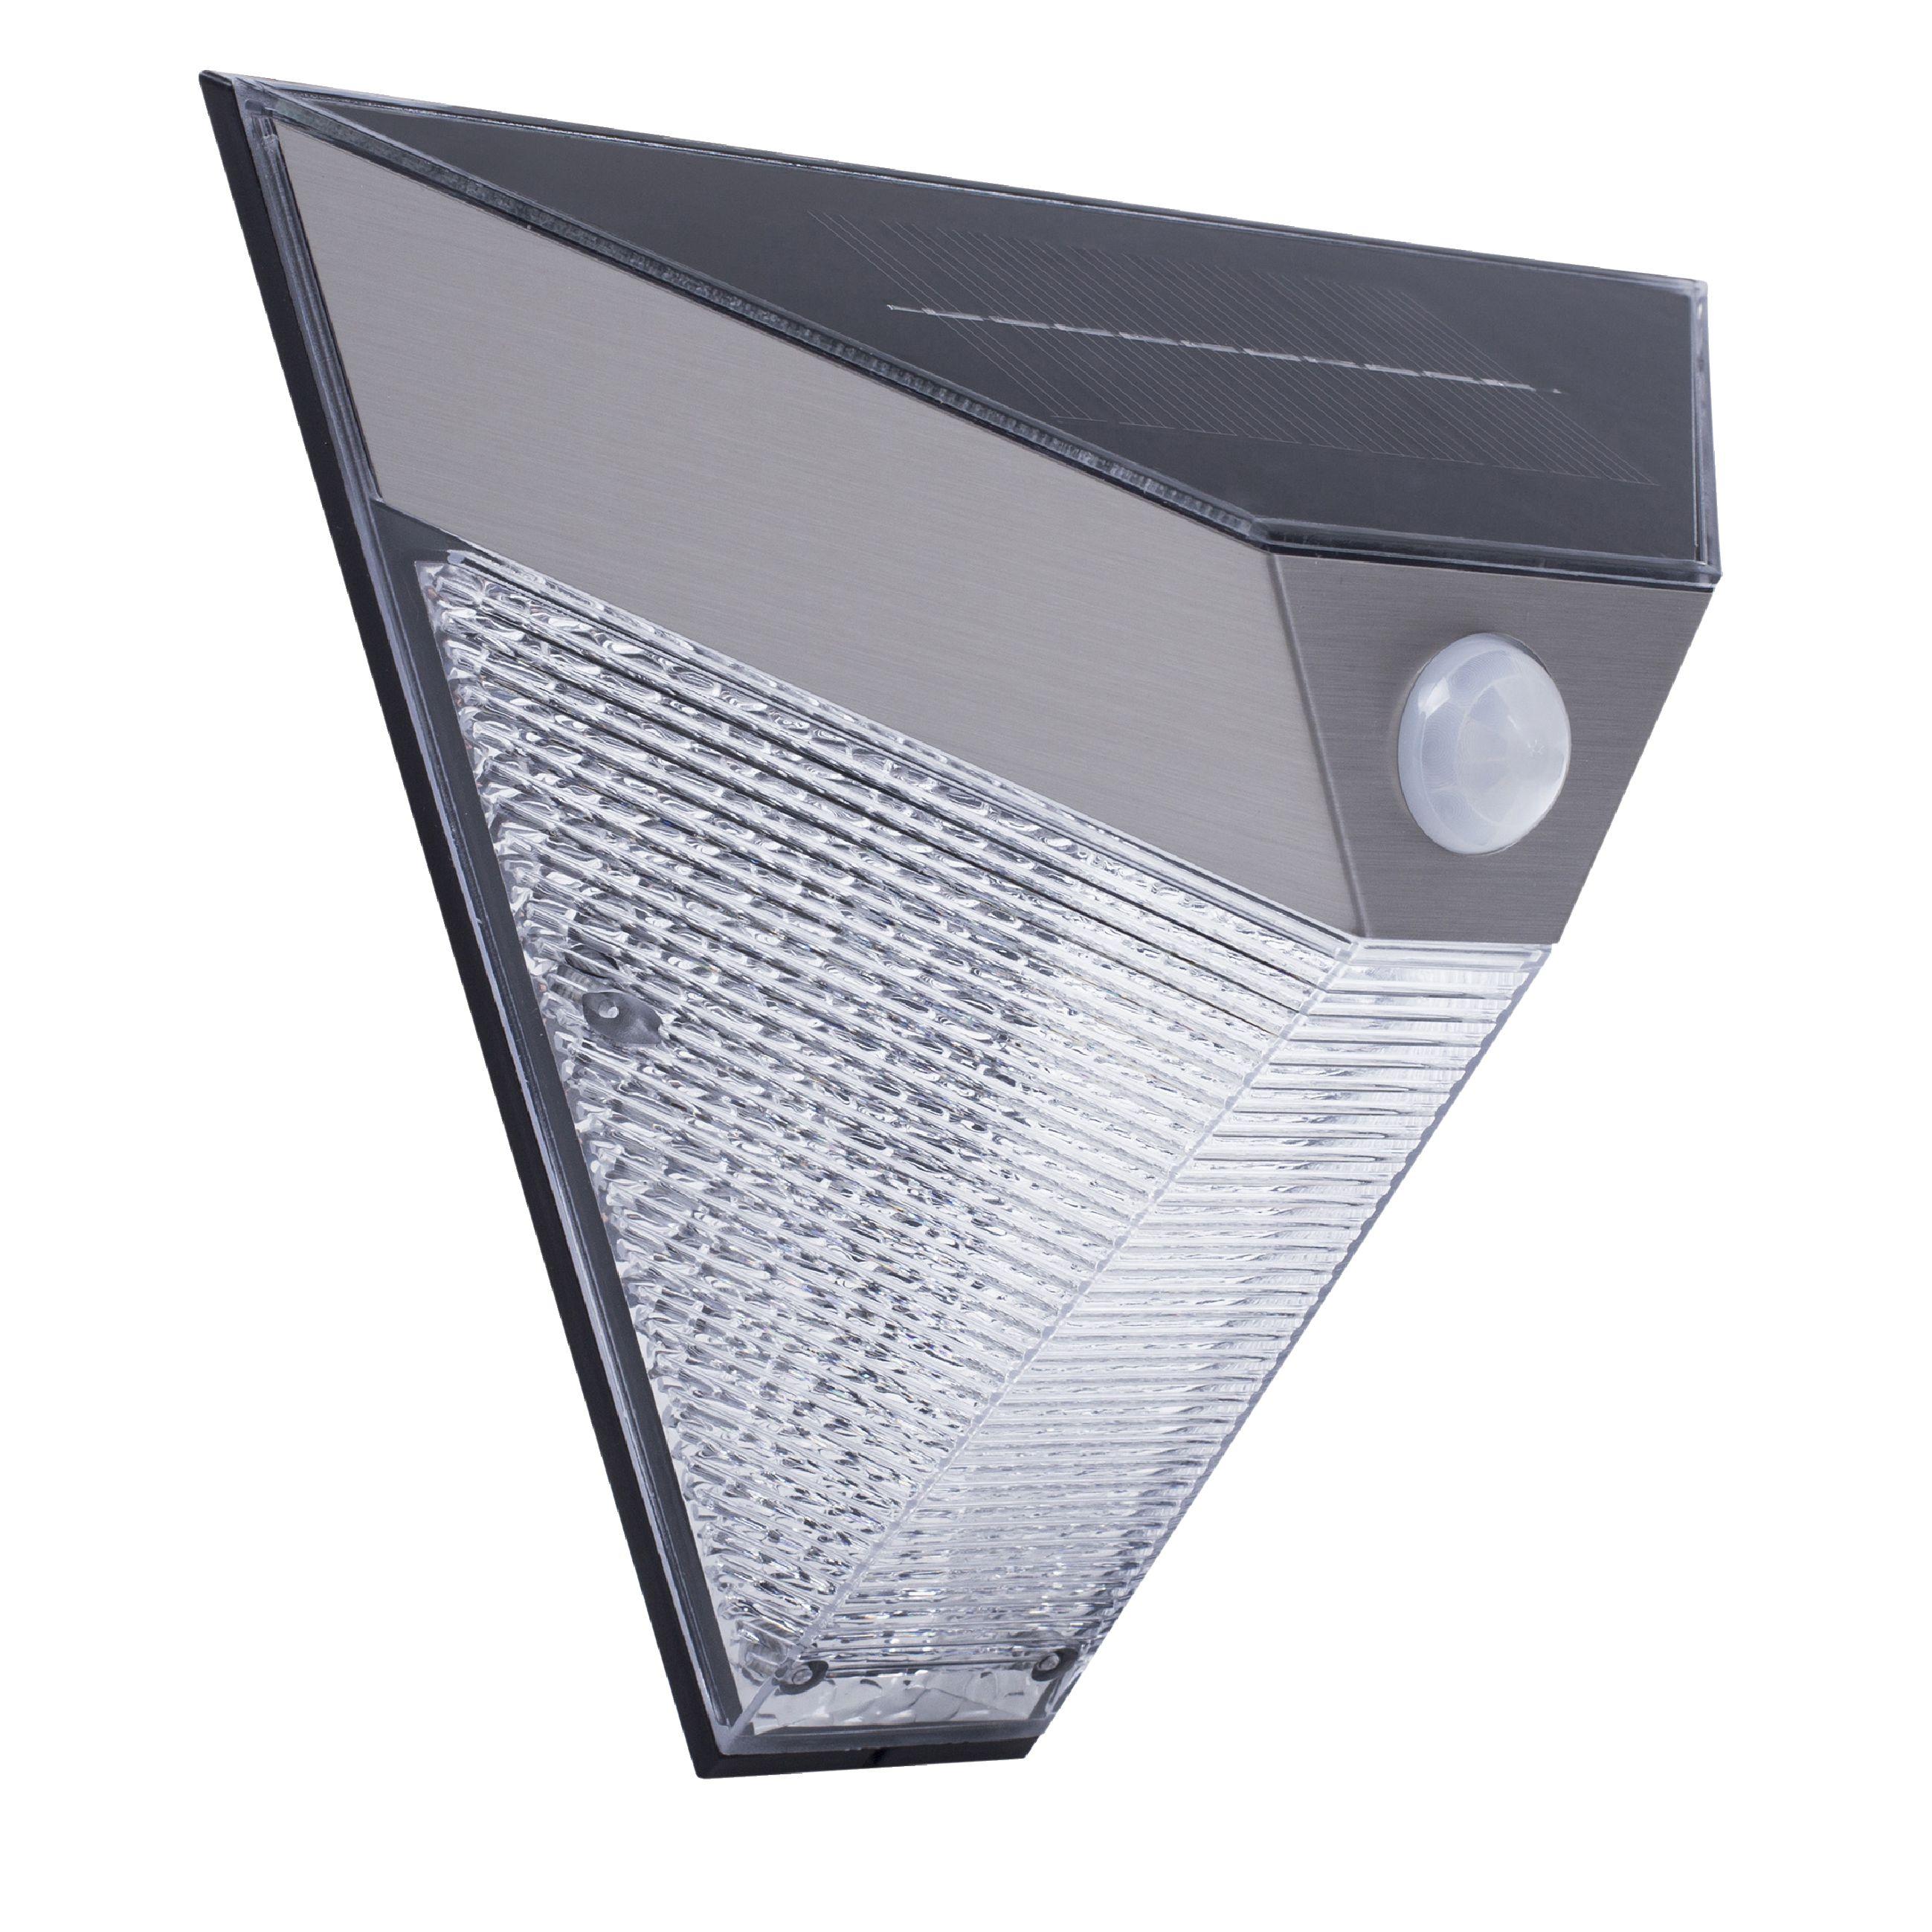 Venkovní solární nástěnné LED svítidlo PIR Ranex 5000.703, RA-1004586